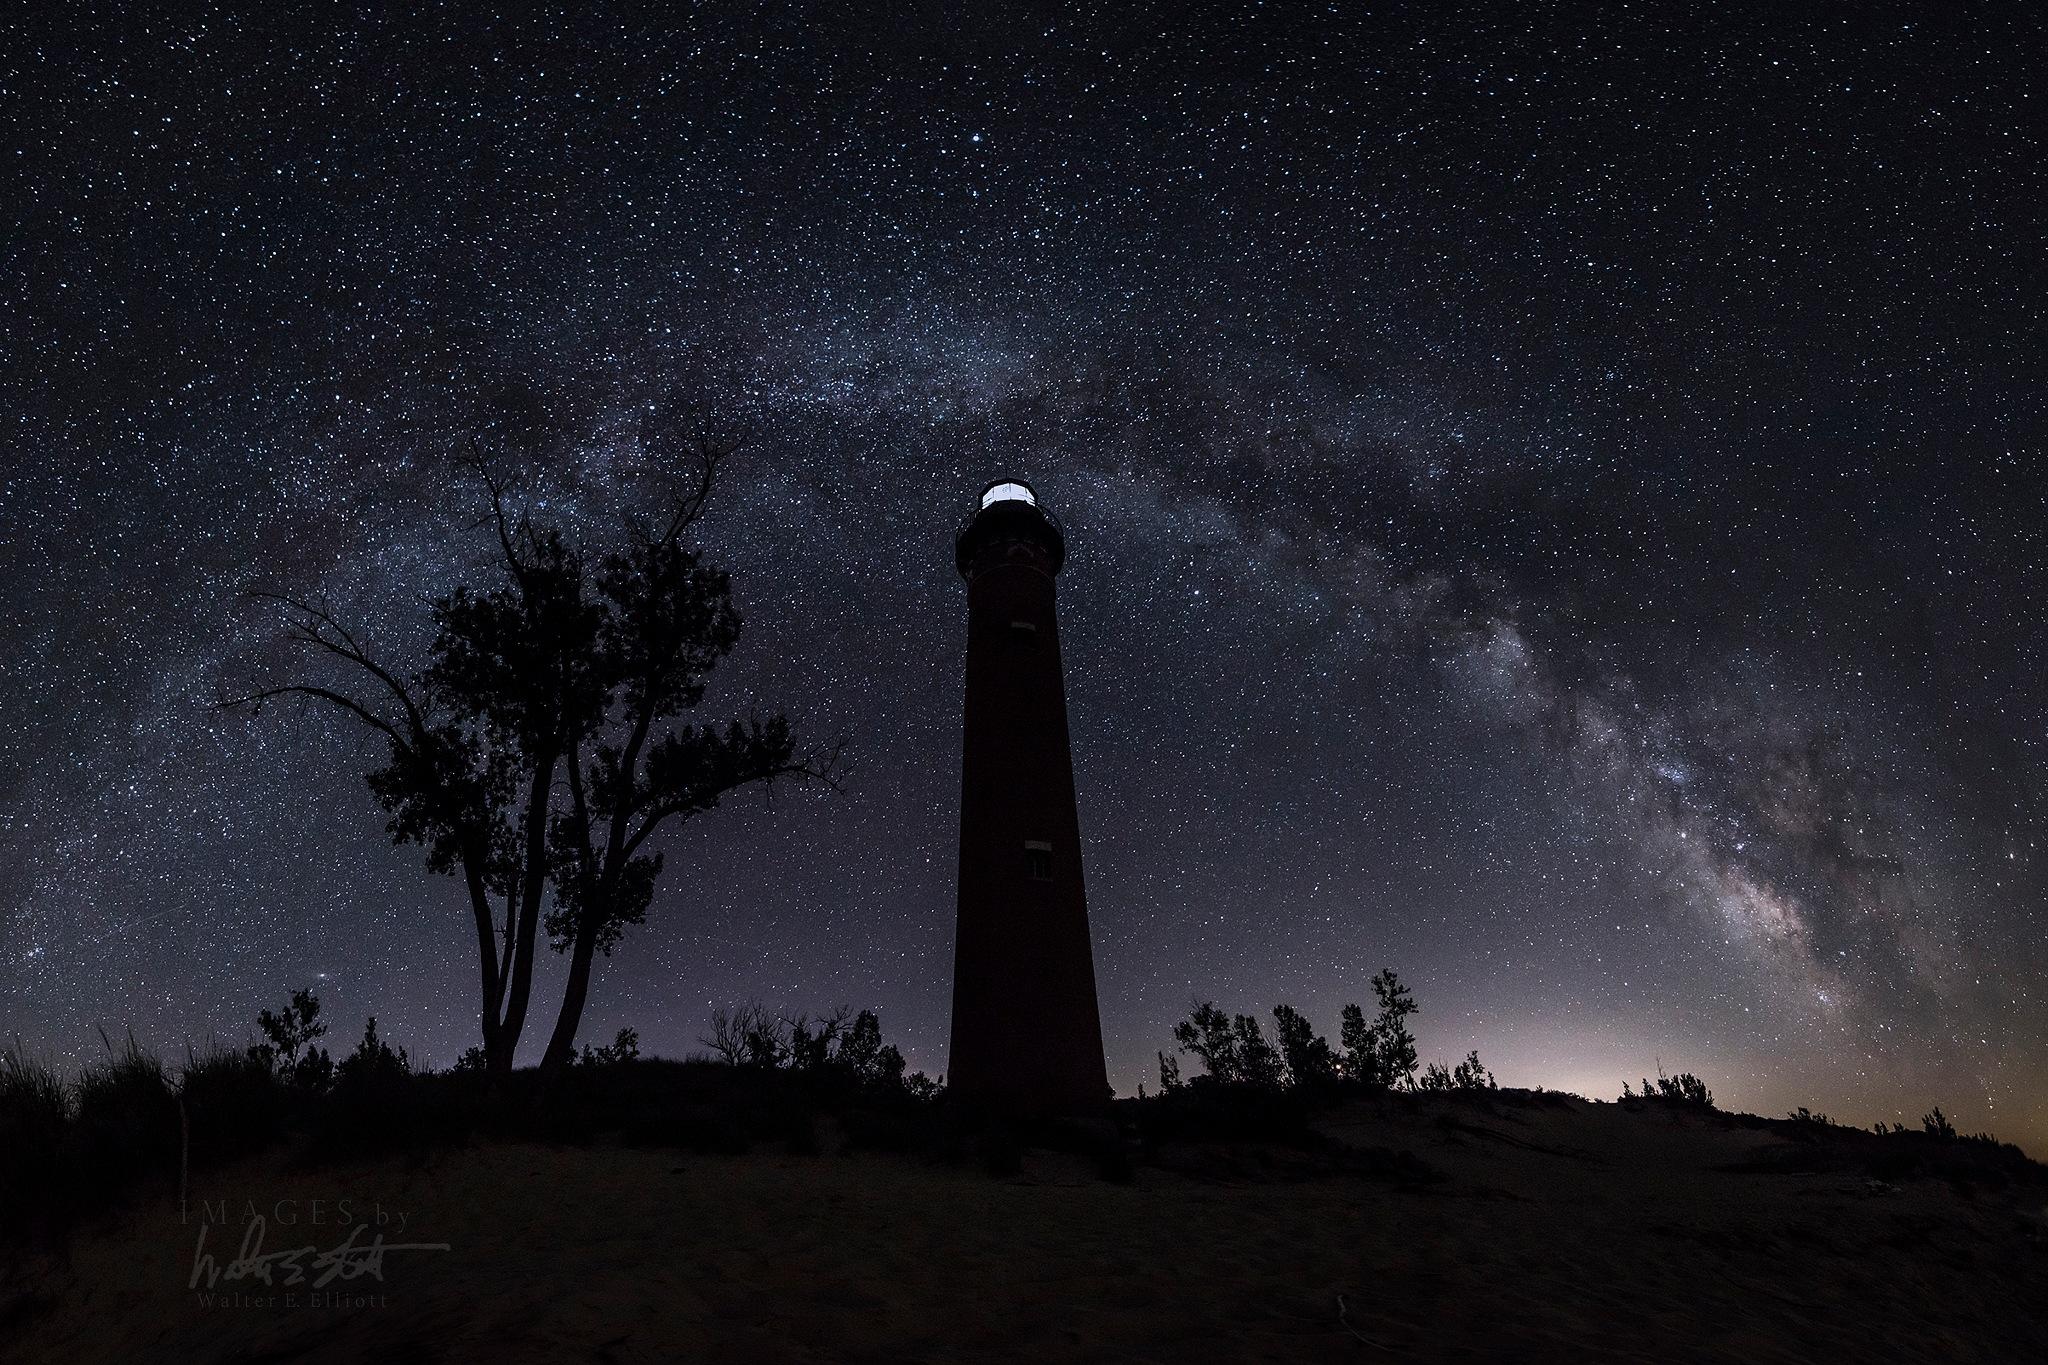 Little Sable Milky Way by Walter E. Elliott